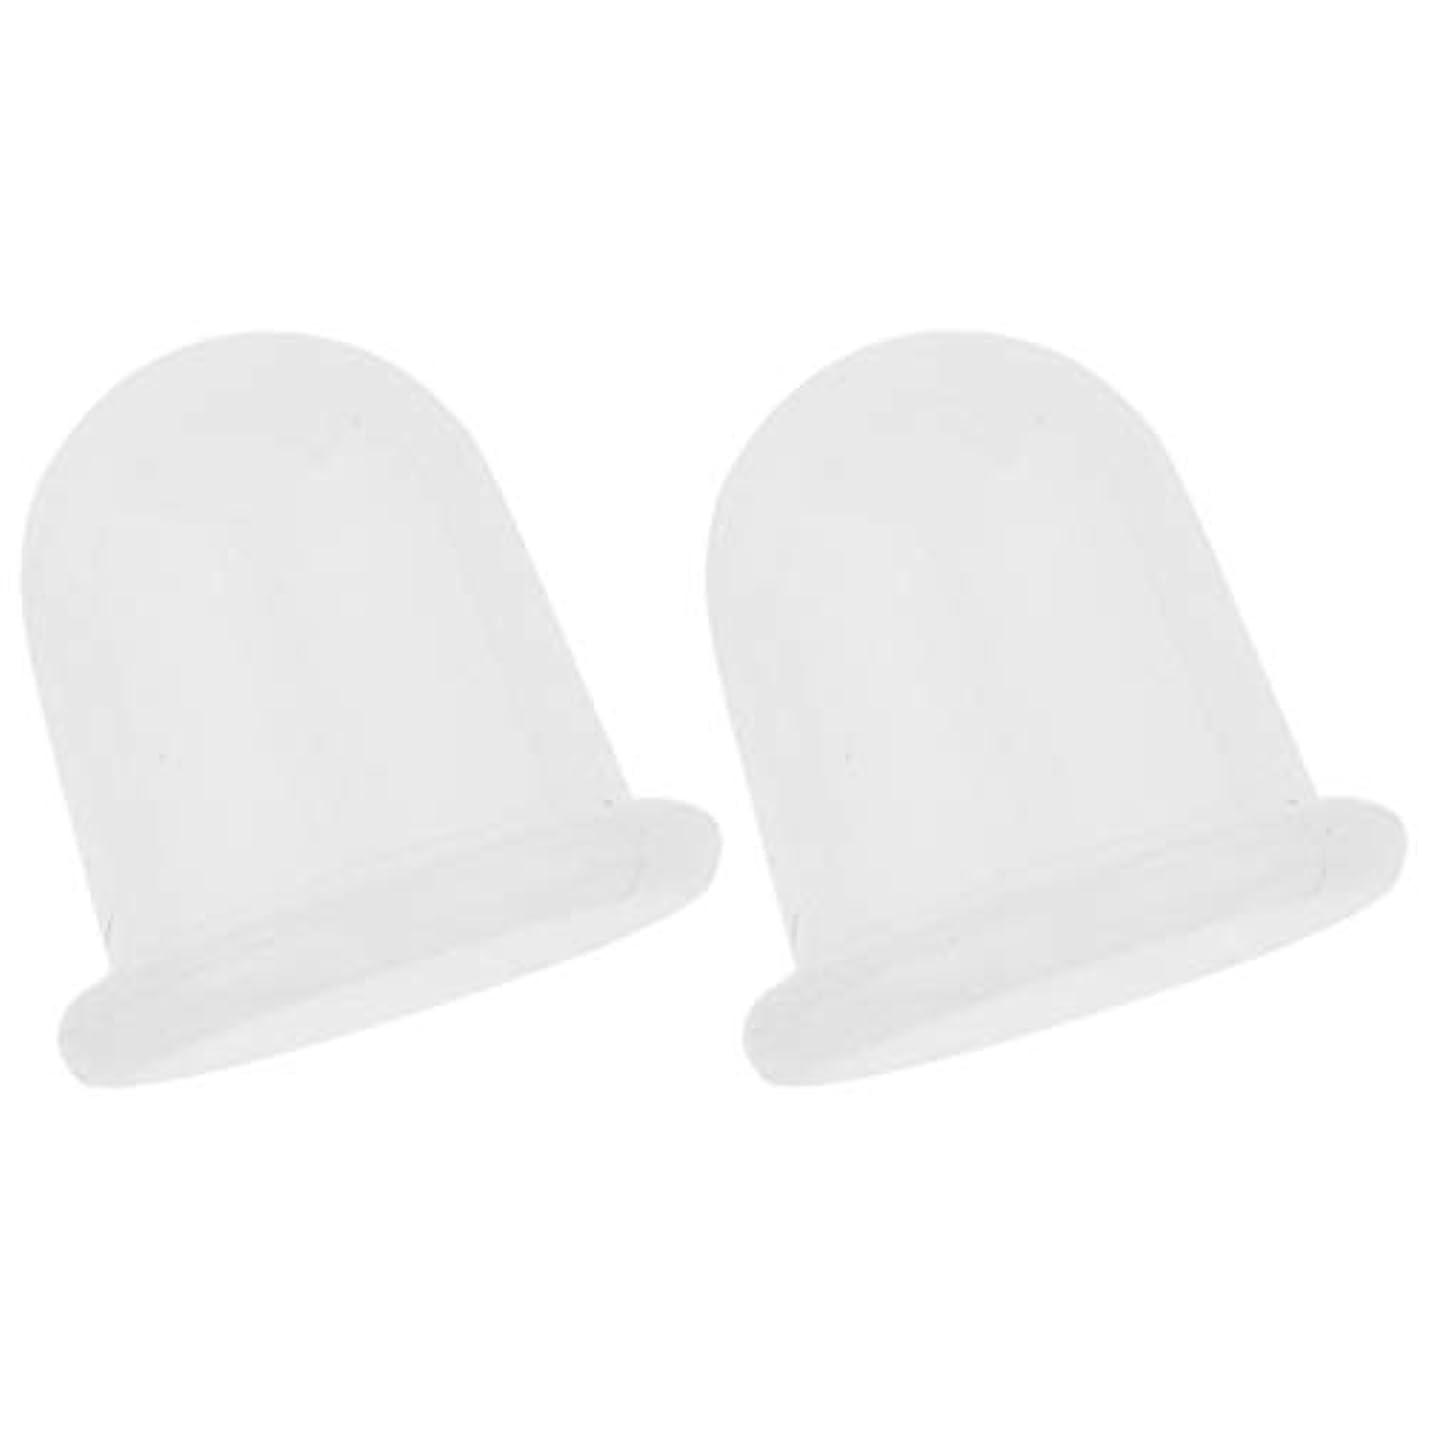 滑りやすいホイッスル味方sharprepublic ボディー ビューティーストレス 空カップ 吸い玉 真空カッピングカップ 持ち運び 可能 汎用 2個入り